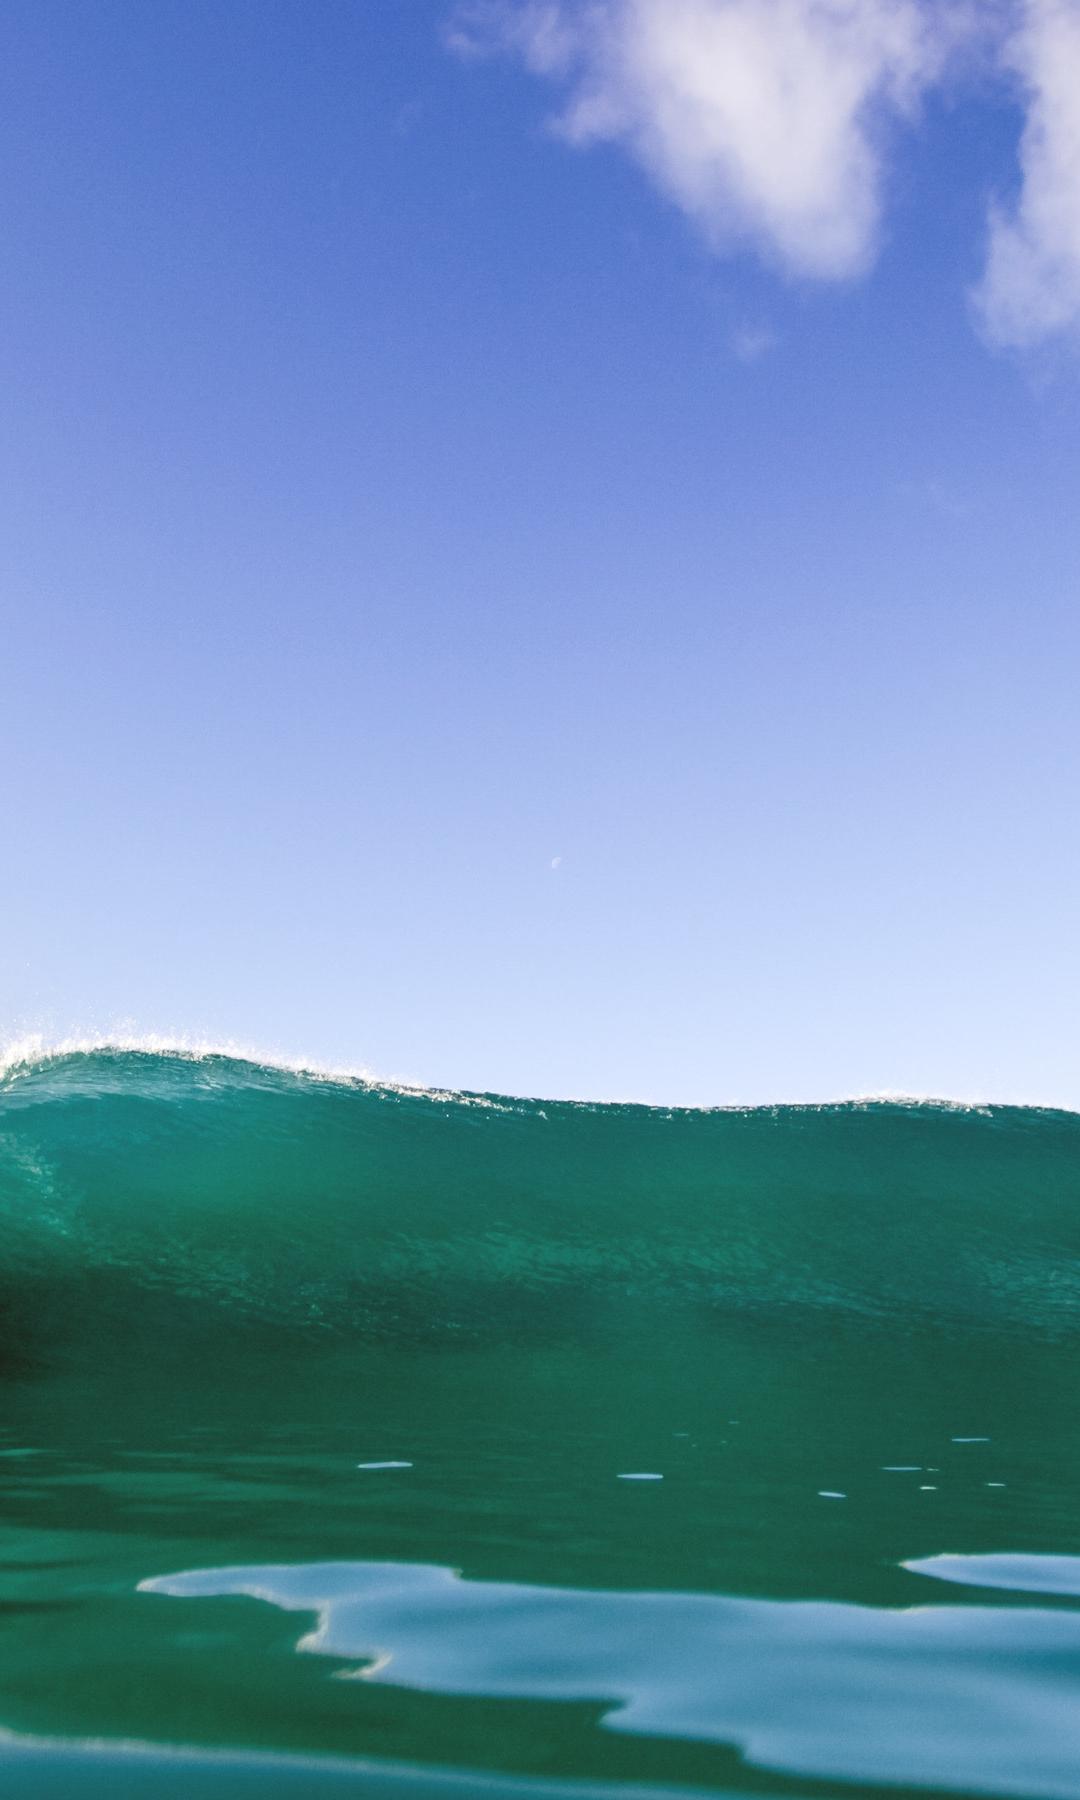 Big Ocean Iphone Wallpaper Idrop News